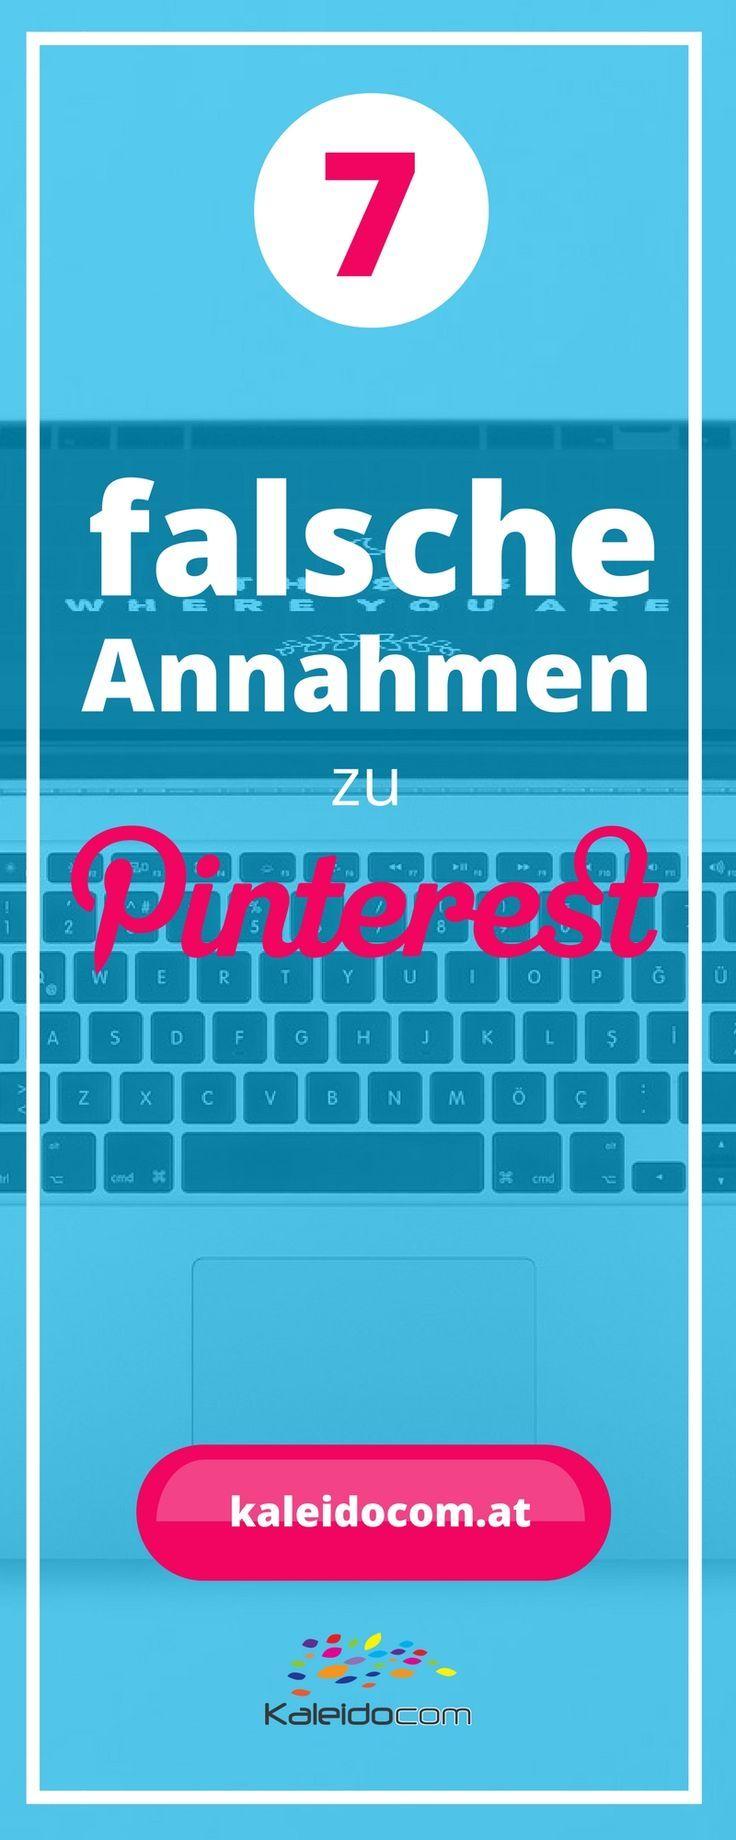 Pinterest wird immer wichtiger im Online-Marketing. Darum ist es nicht verwunderlich, dass auch einige Falschaussagen… http://itz-my.com